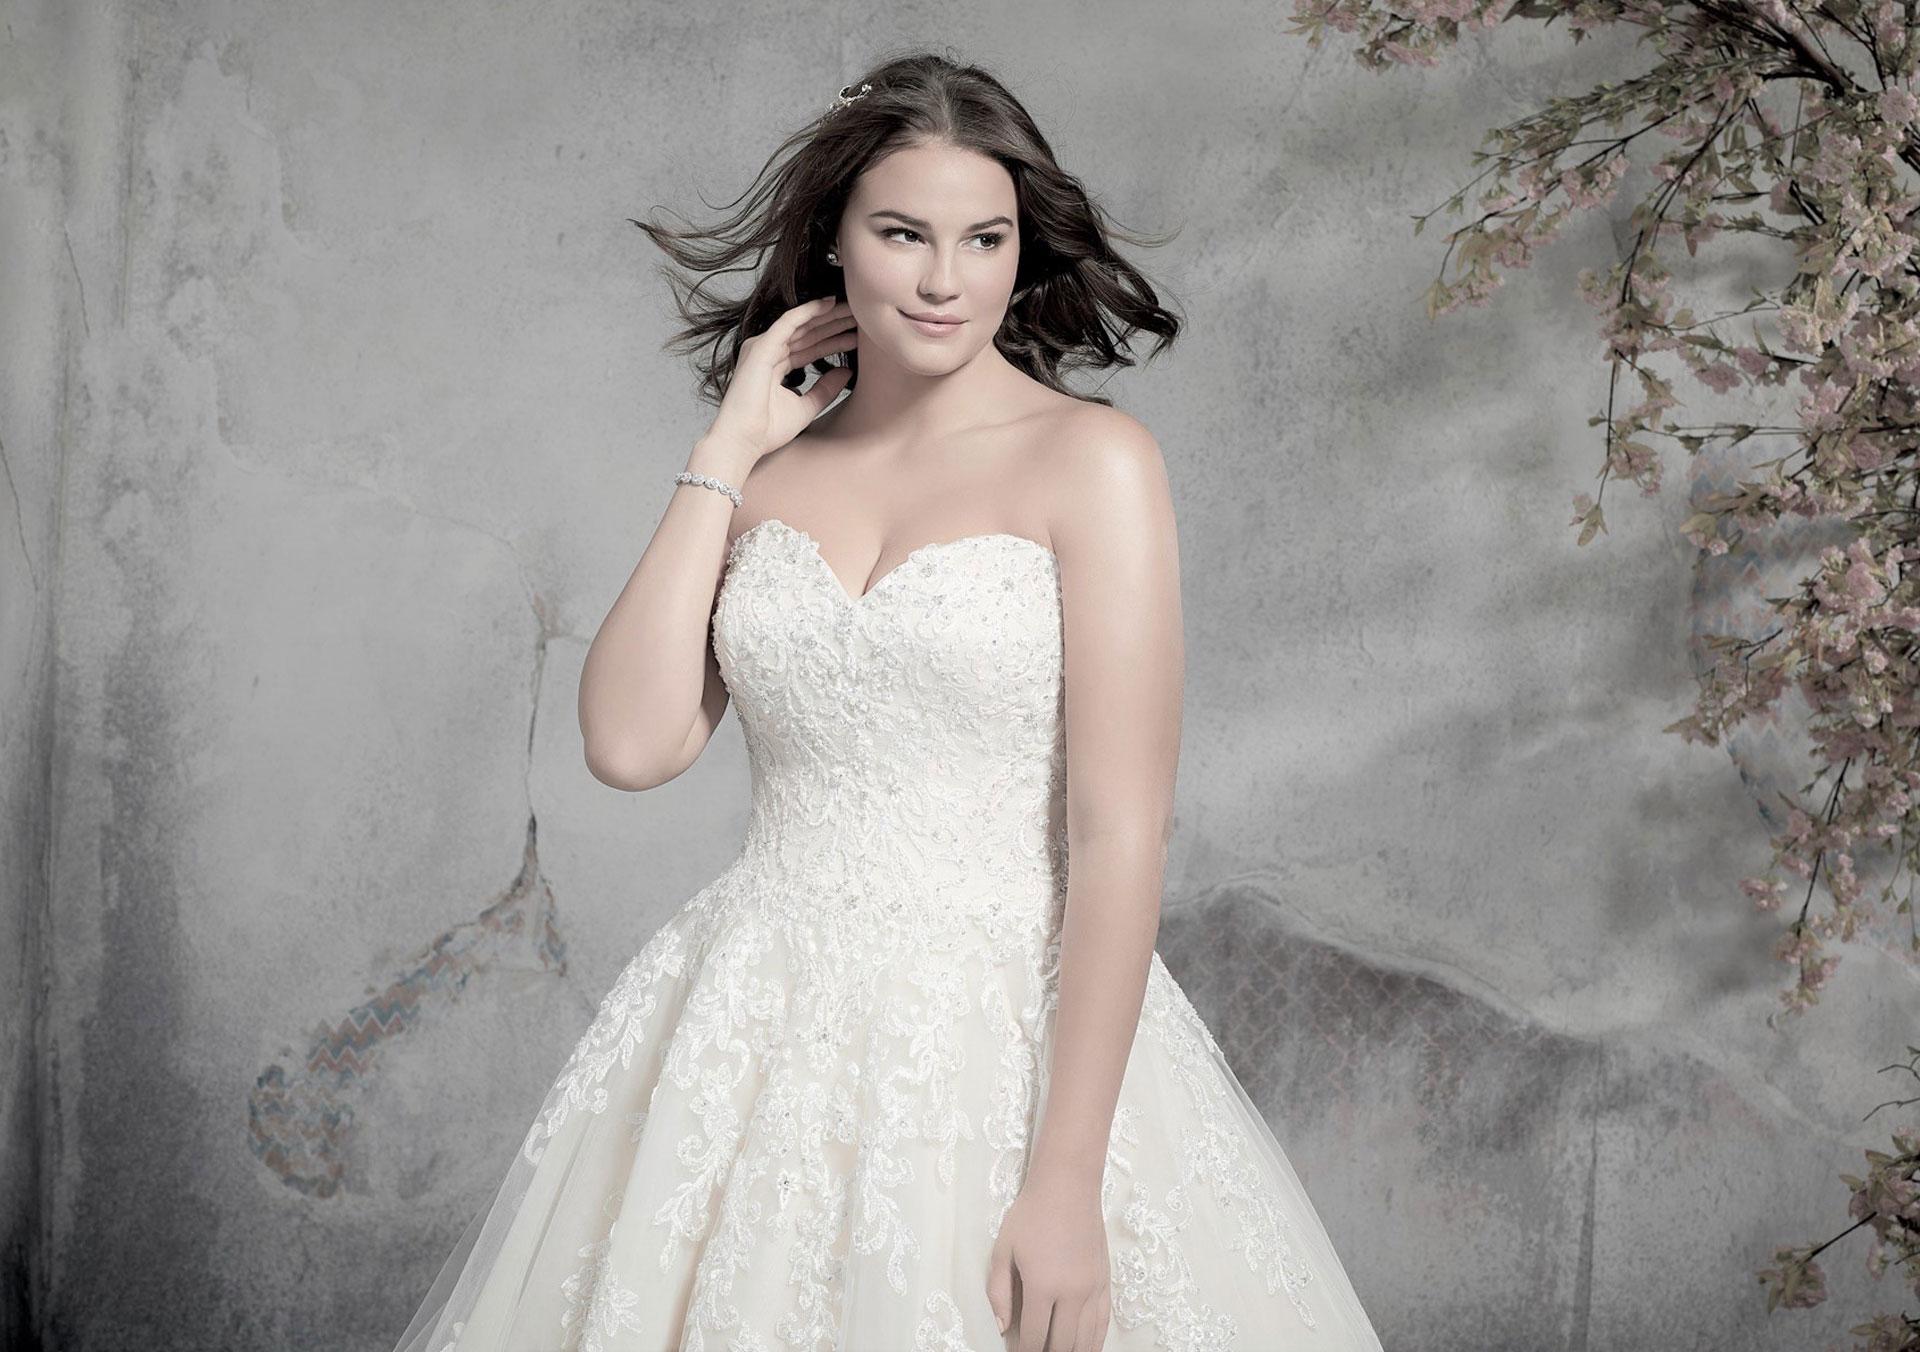 Große Größen Brautkleider für kurvige, mollige Bräute and Curvy Brides